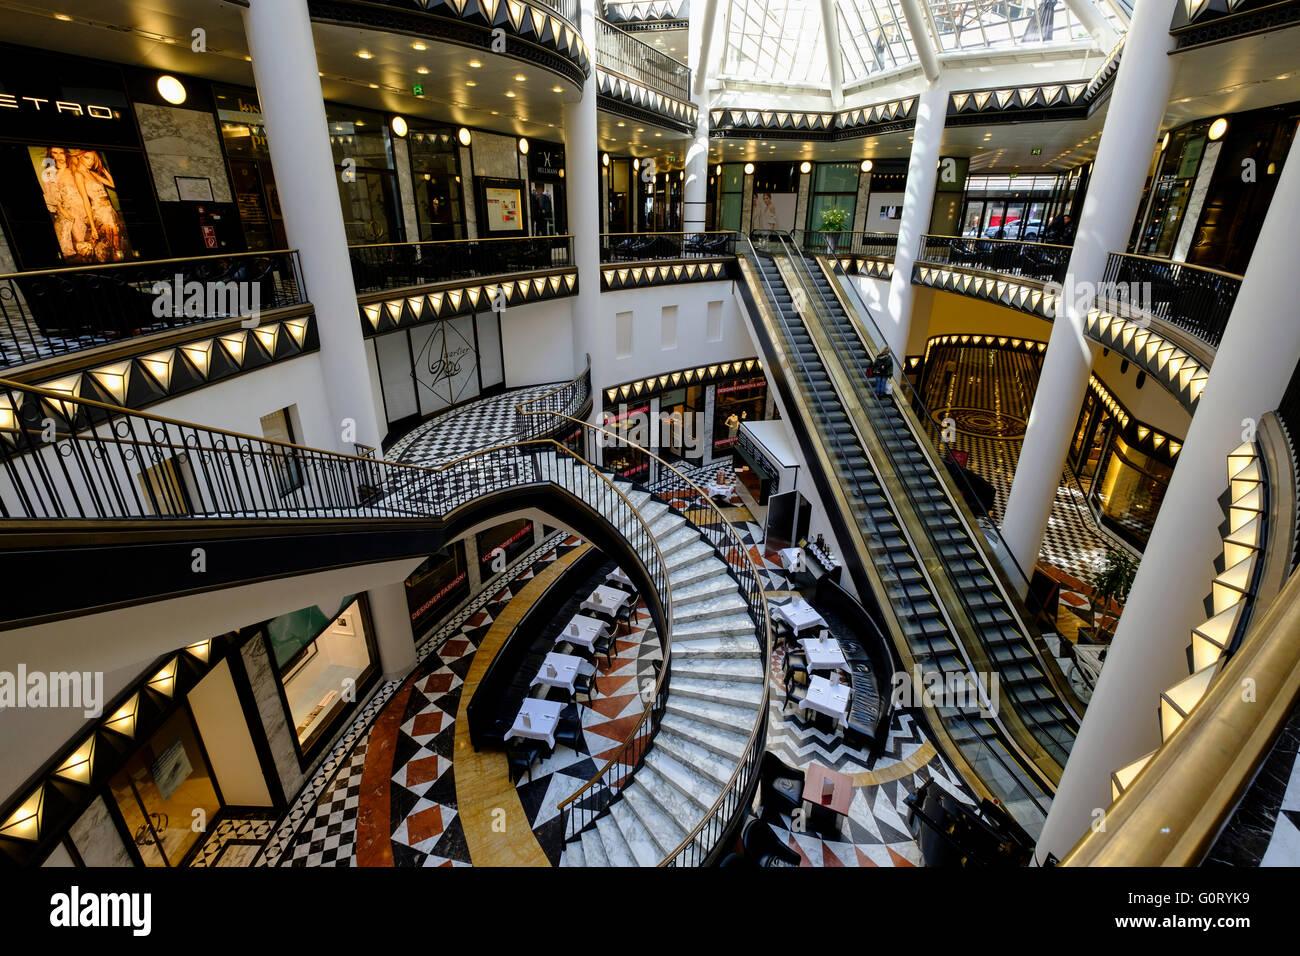 Interior of upmarket Quartier 206 shopping mall in Berlin - Stock Image